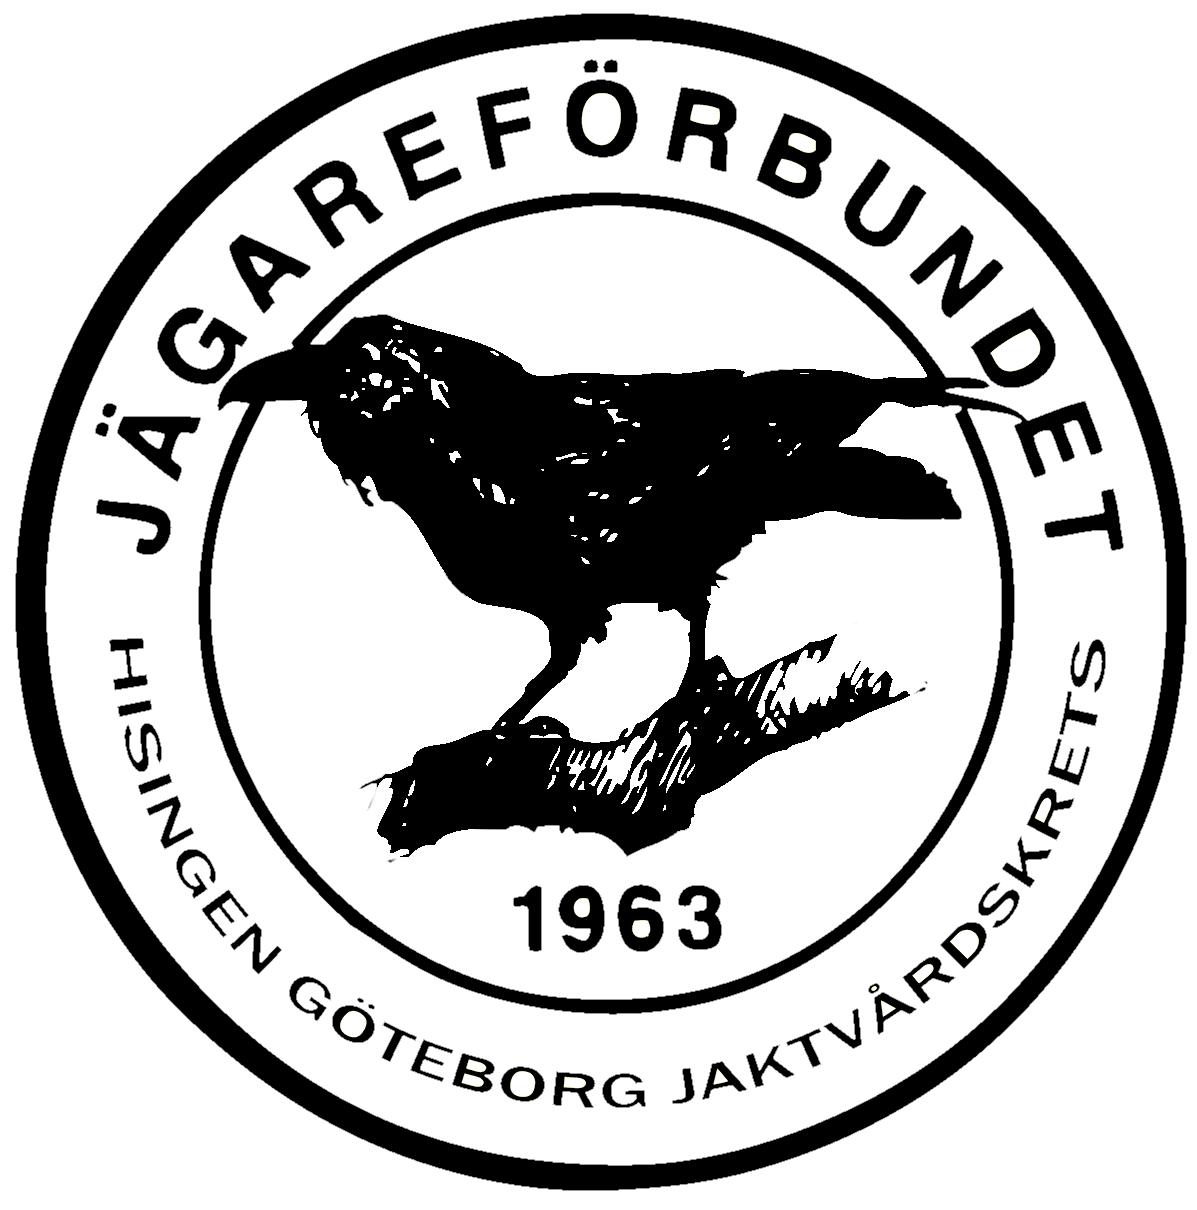 Hisingen Göteborg Jaktvårdskrets